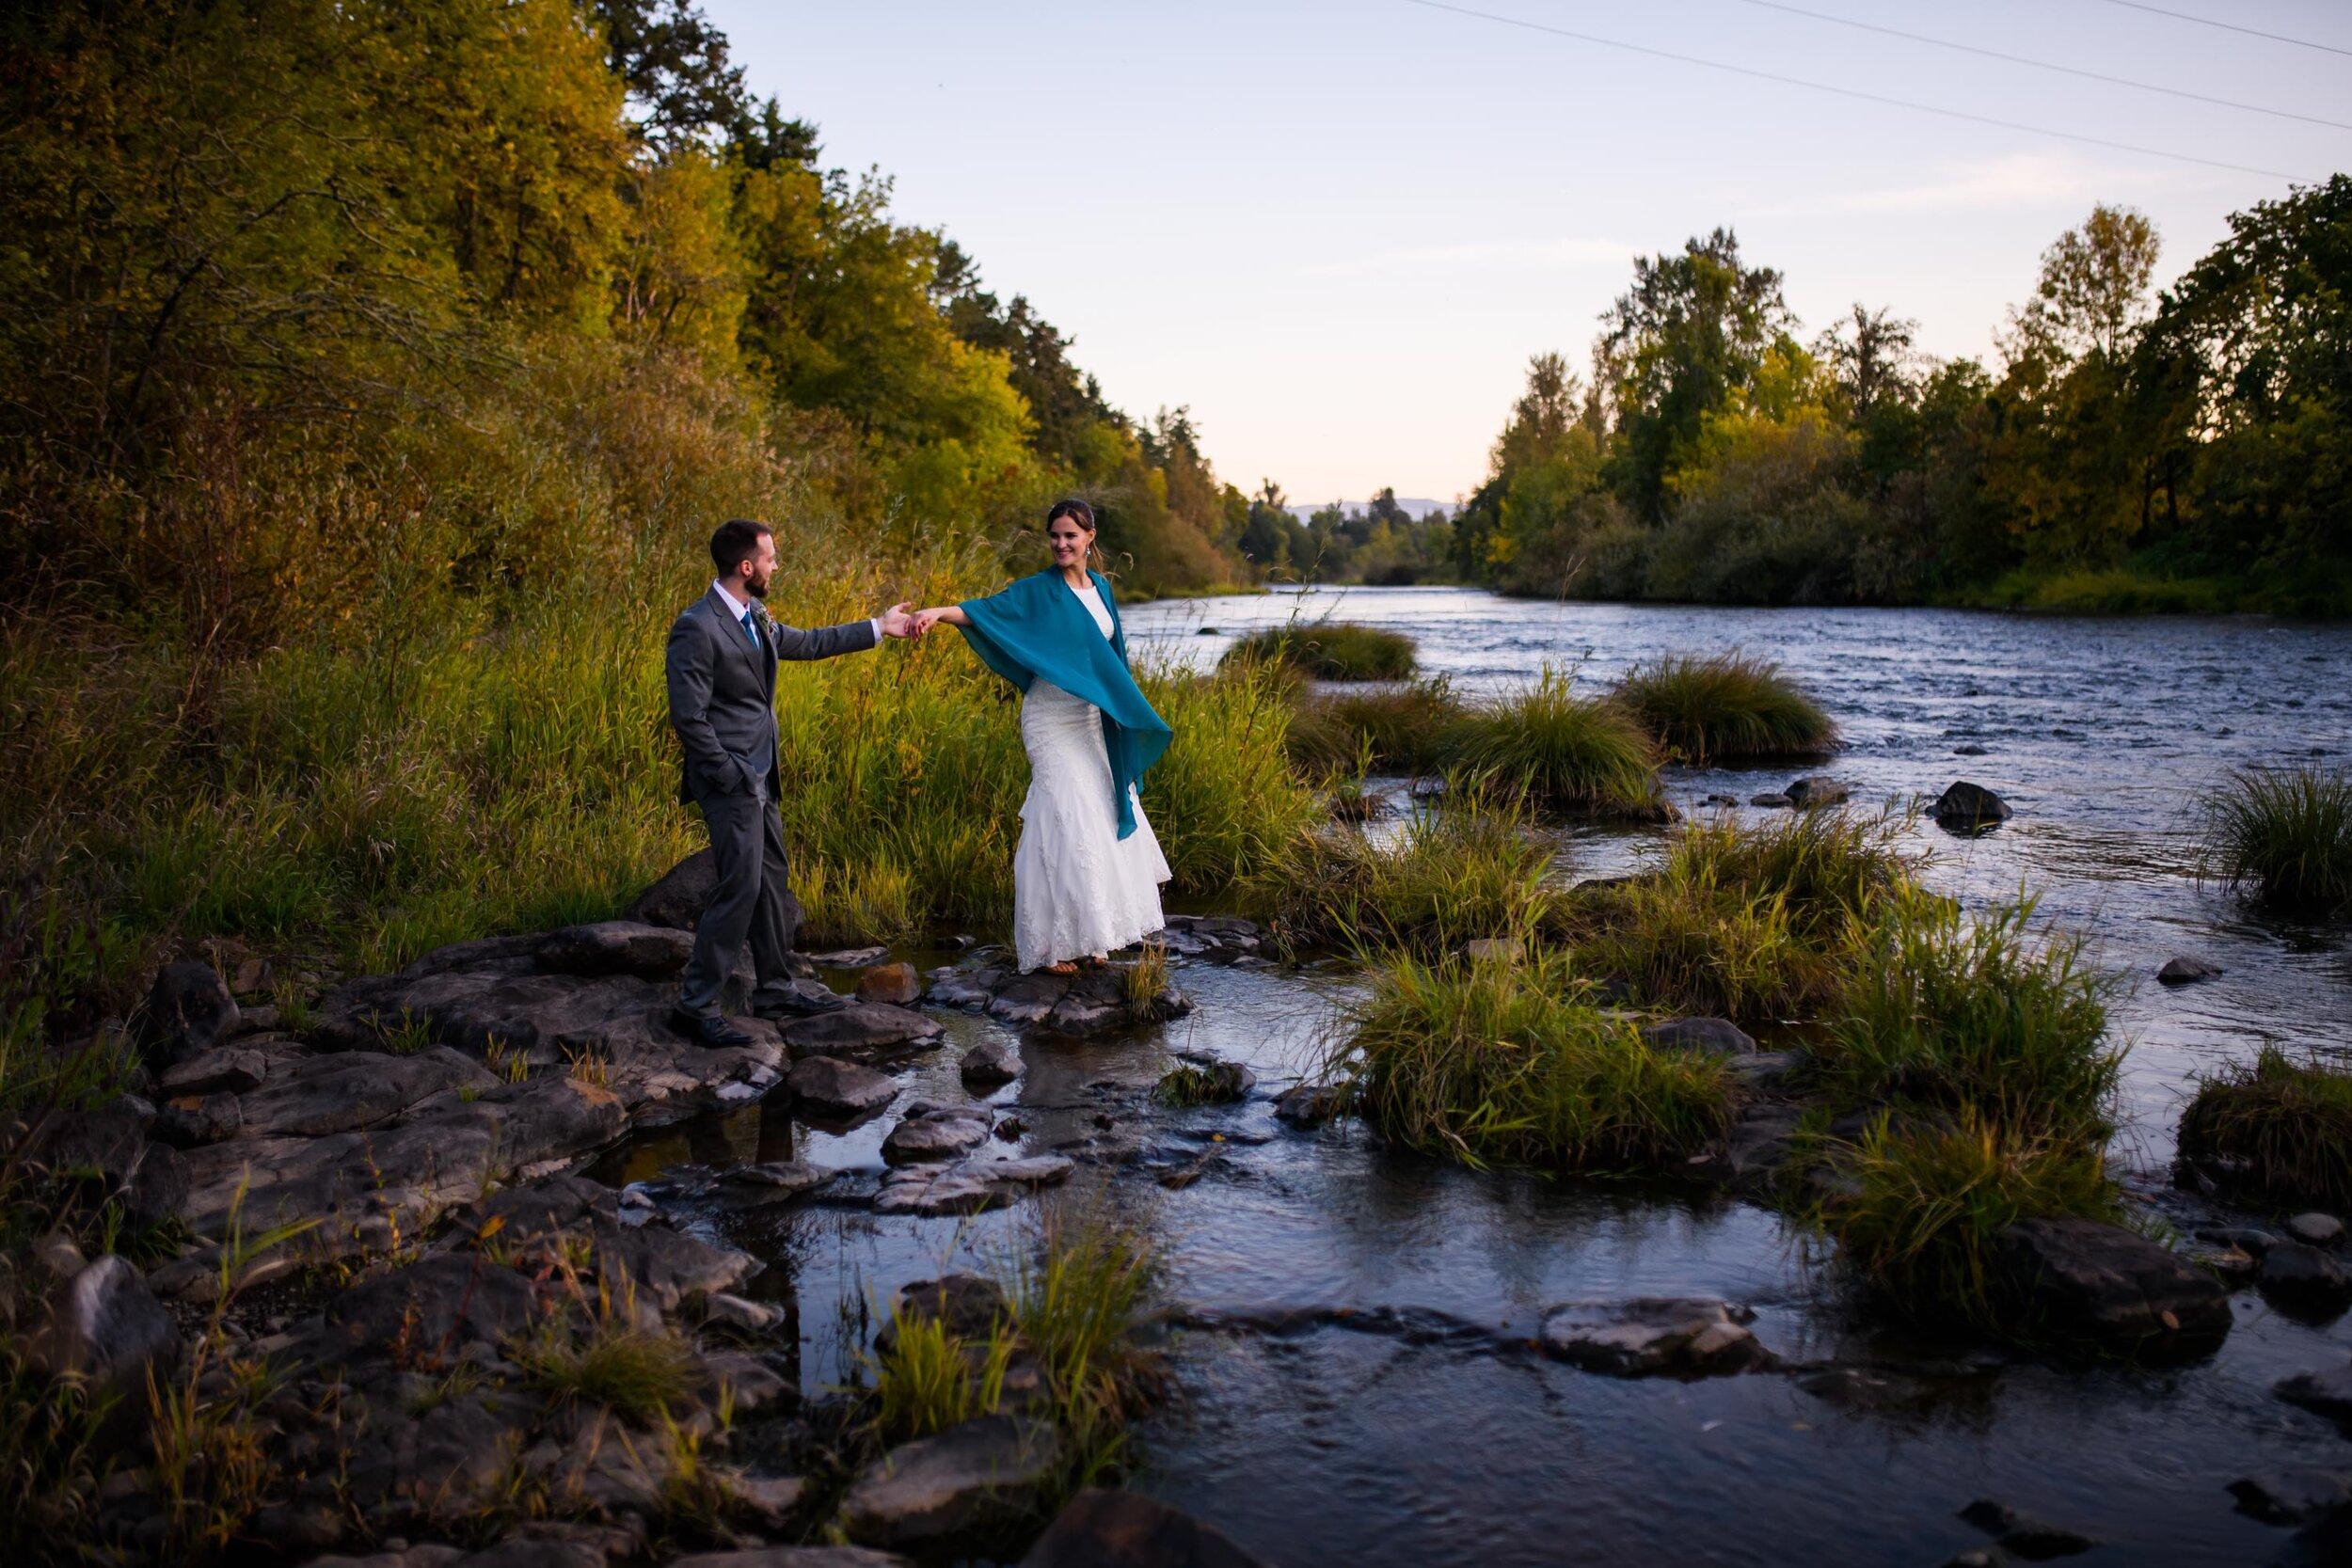 Mt. Pisgah Arboretum wedding photos 107.JPG